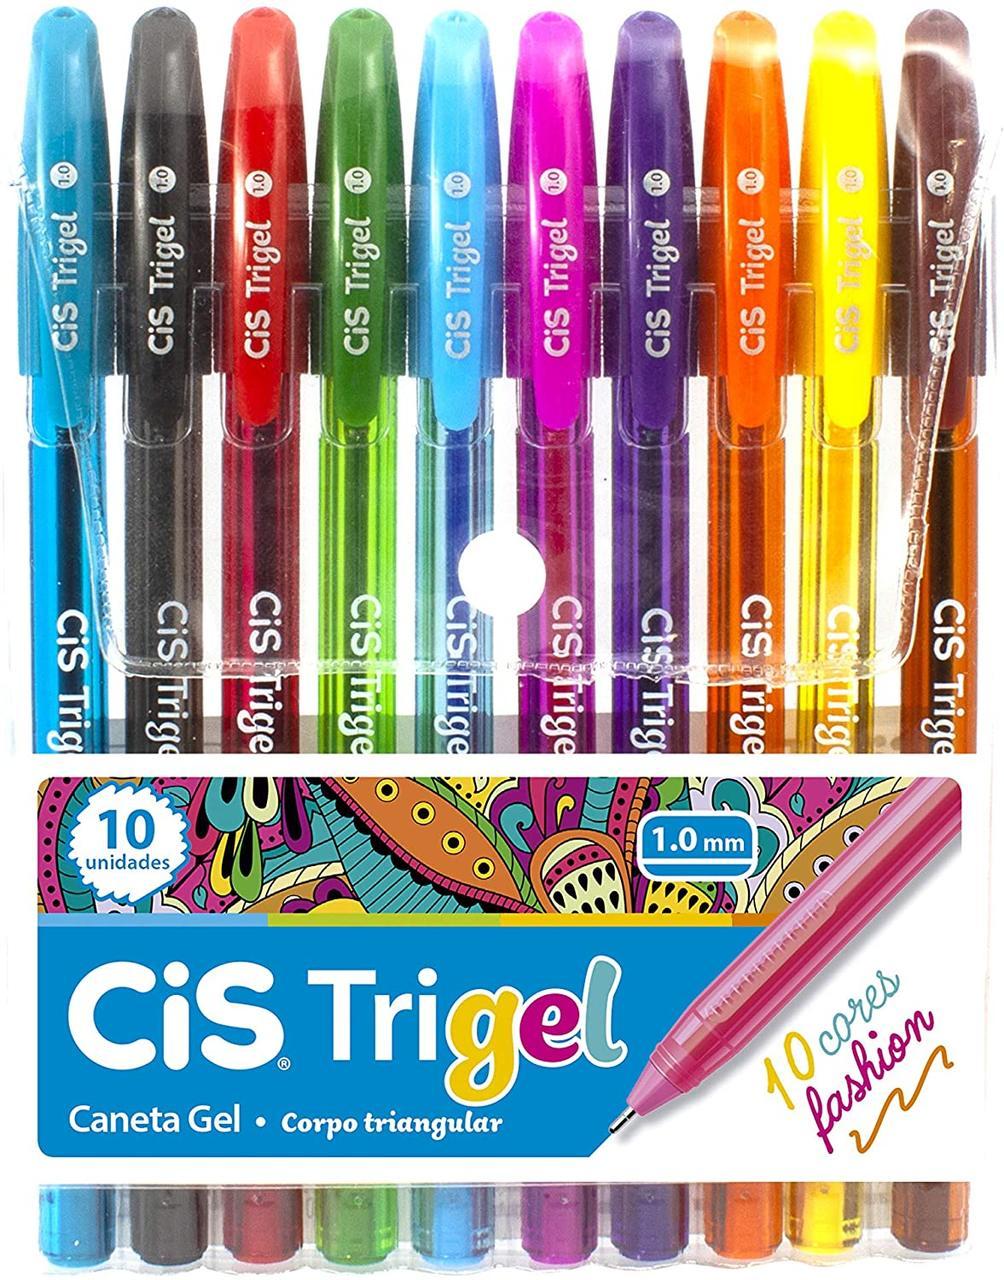 Kit c/ 10 Canetas Cis Trigel Cores Fashion